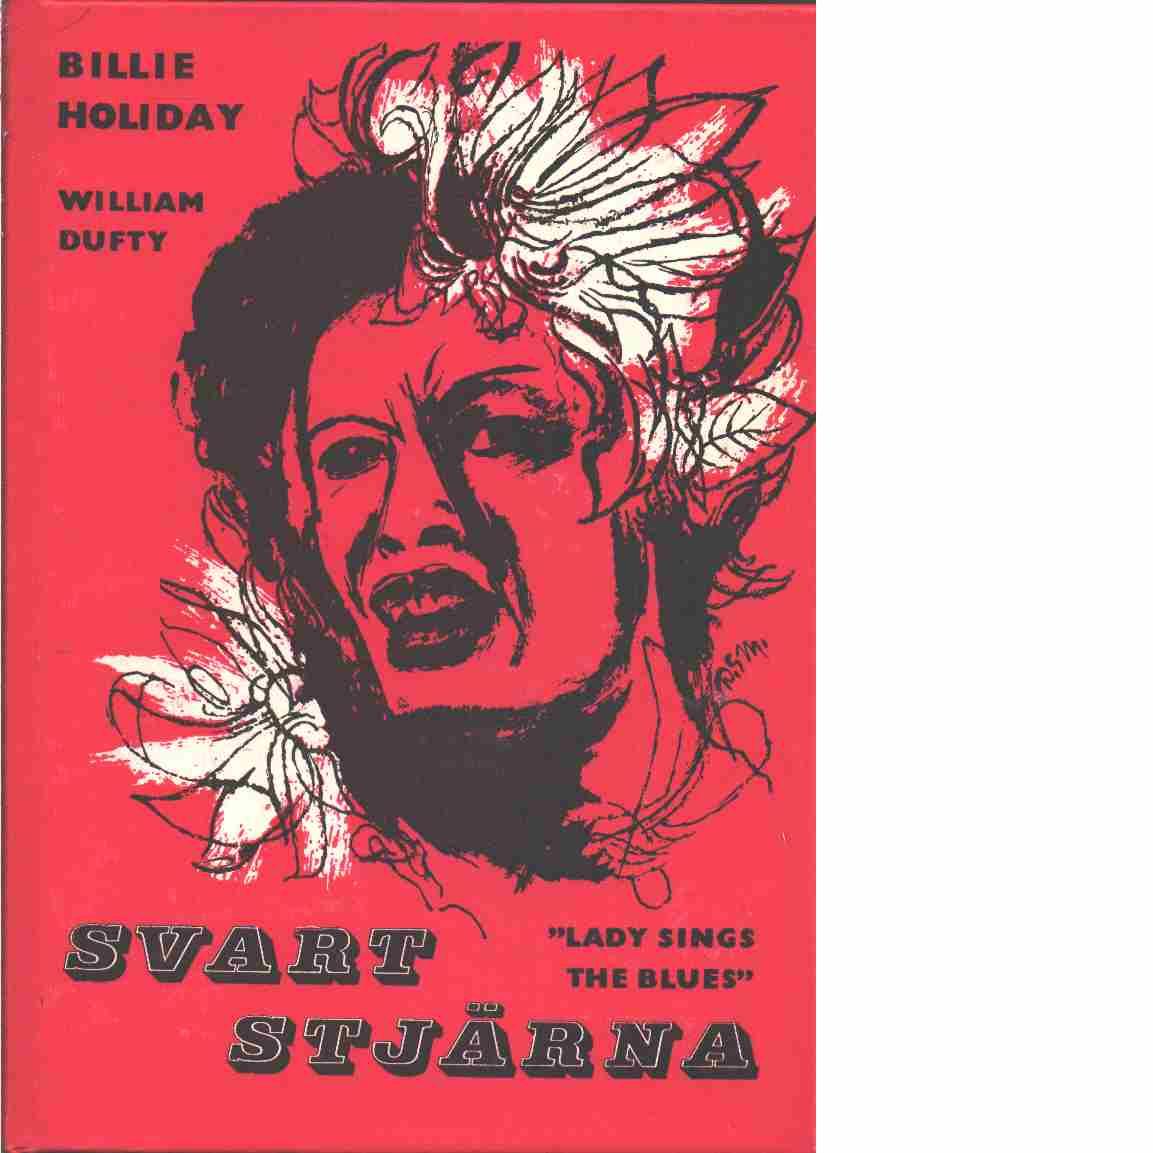 Svart stjärna - Holiday, Billie och Dufty, William